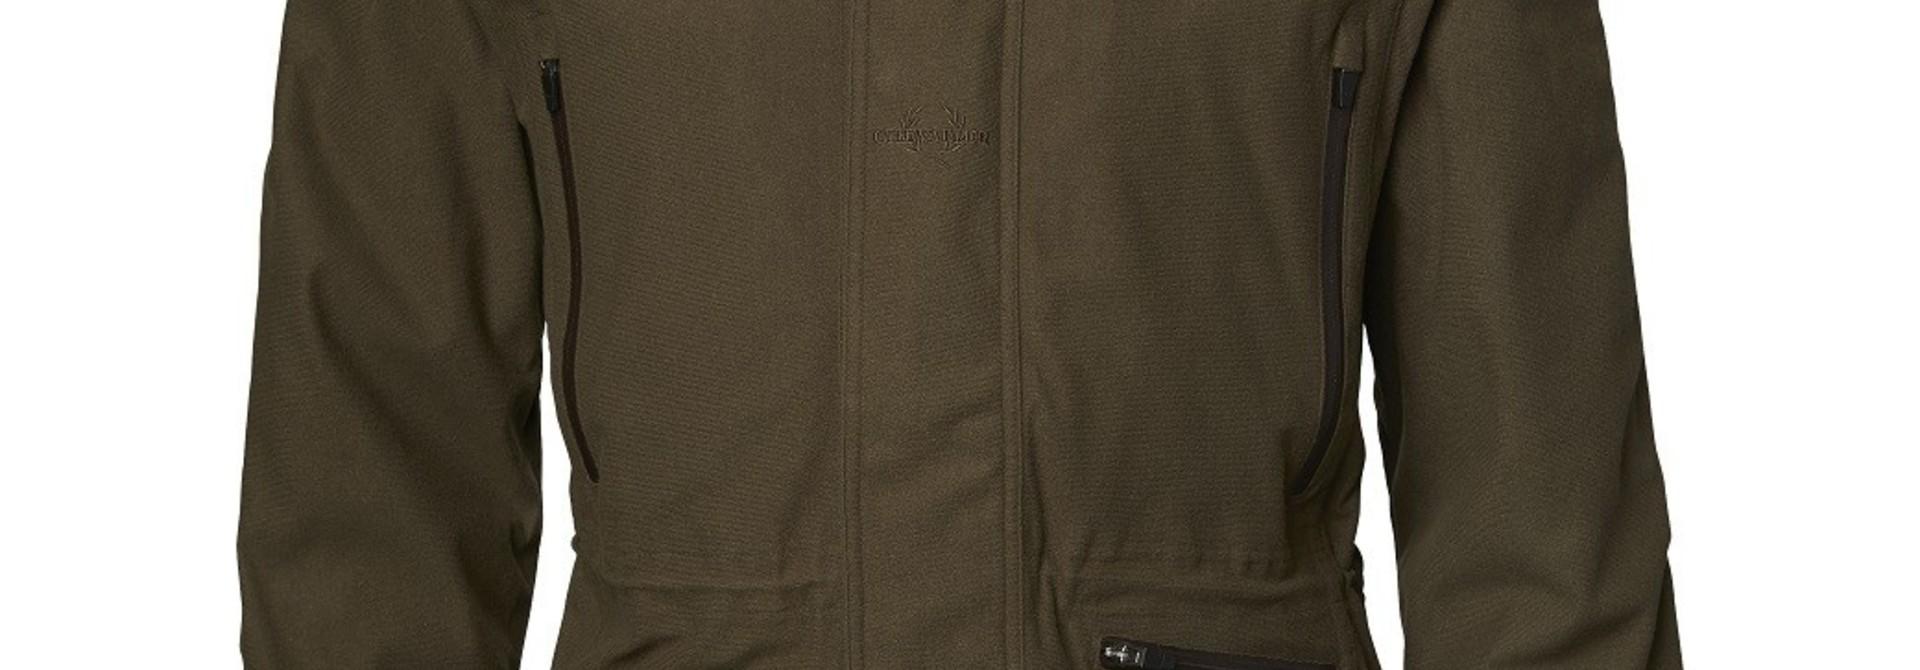 Chevalier Setter Pro Coat Green